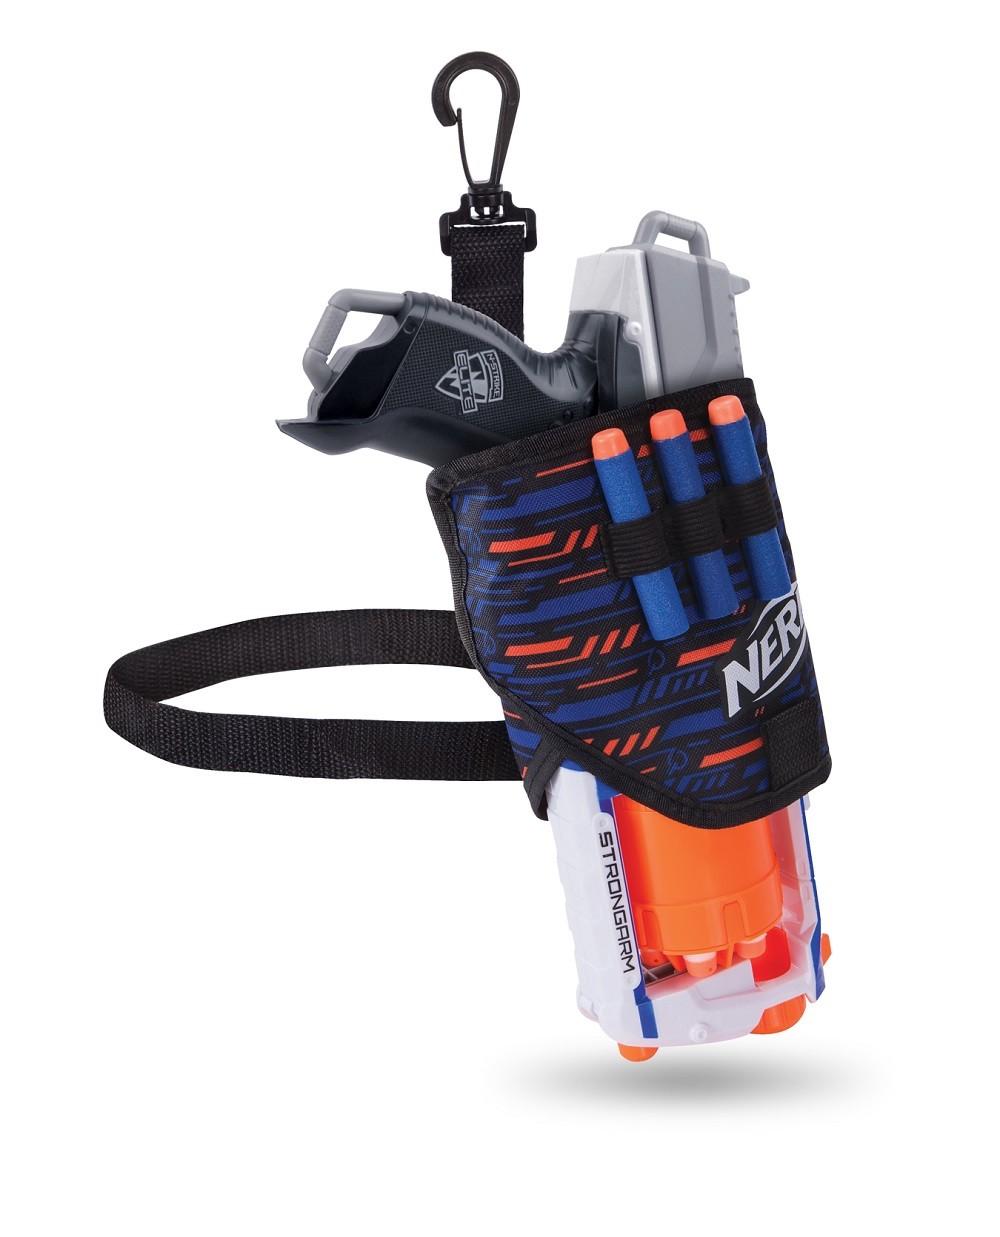 Coldre ajustável porta Lançador Nerf Elite Multikids BR938  - Mix Eletro